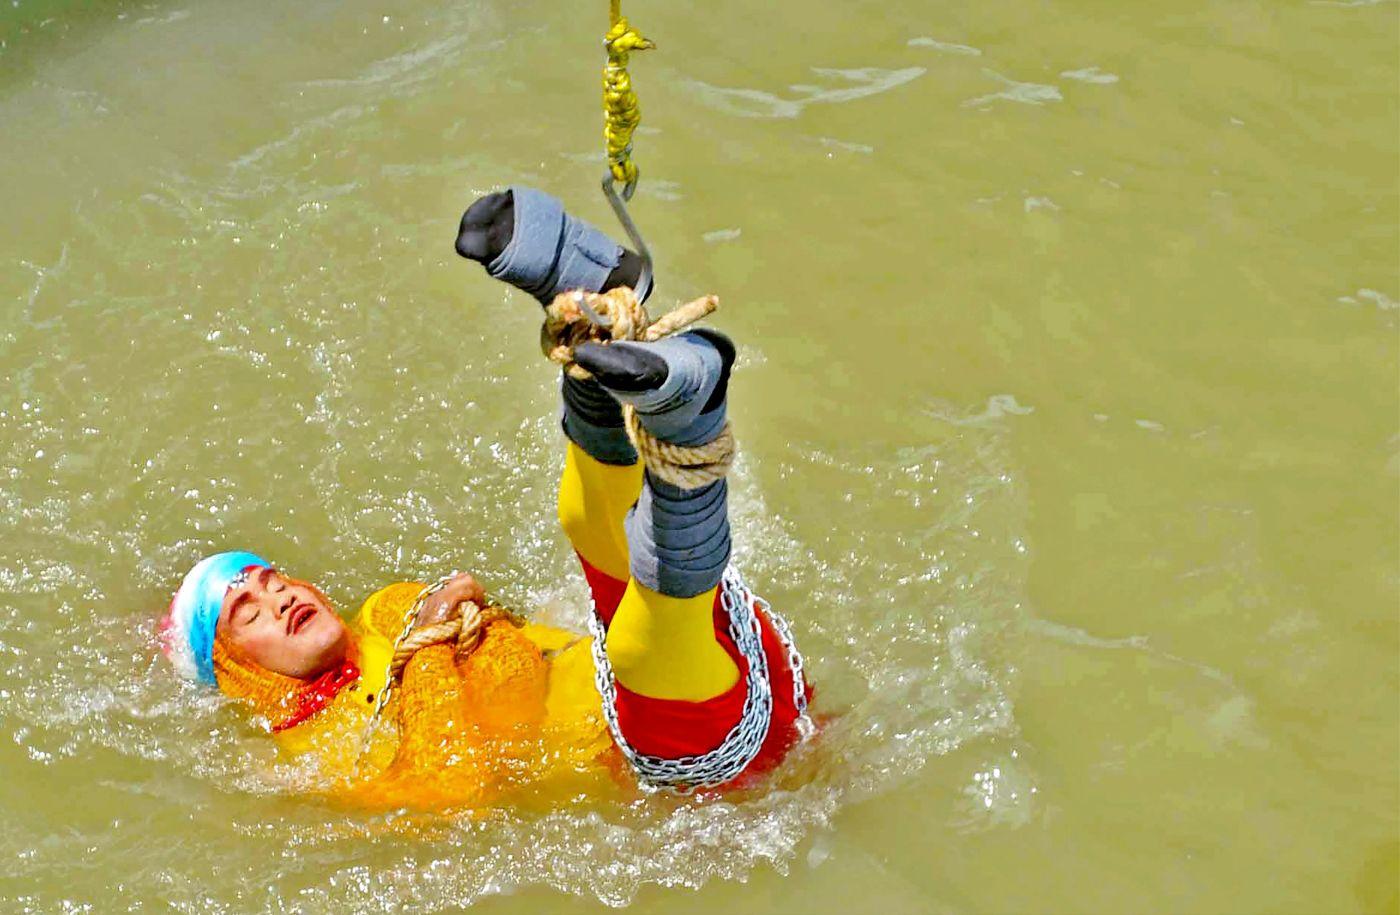 Un mago indio desaparece en el Ganges en un acto de ilusionismo